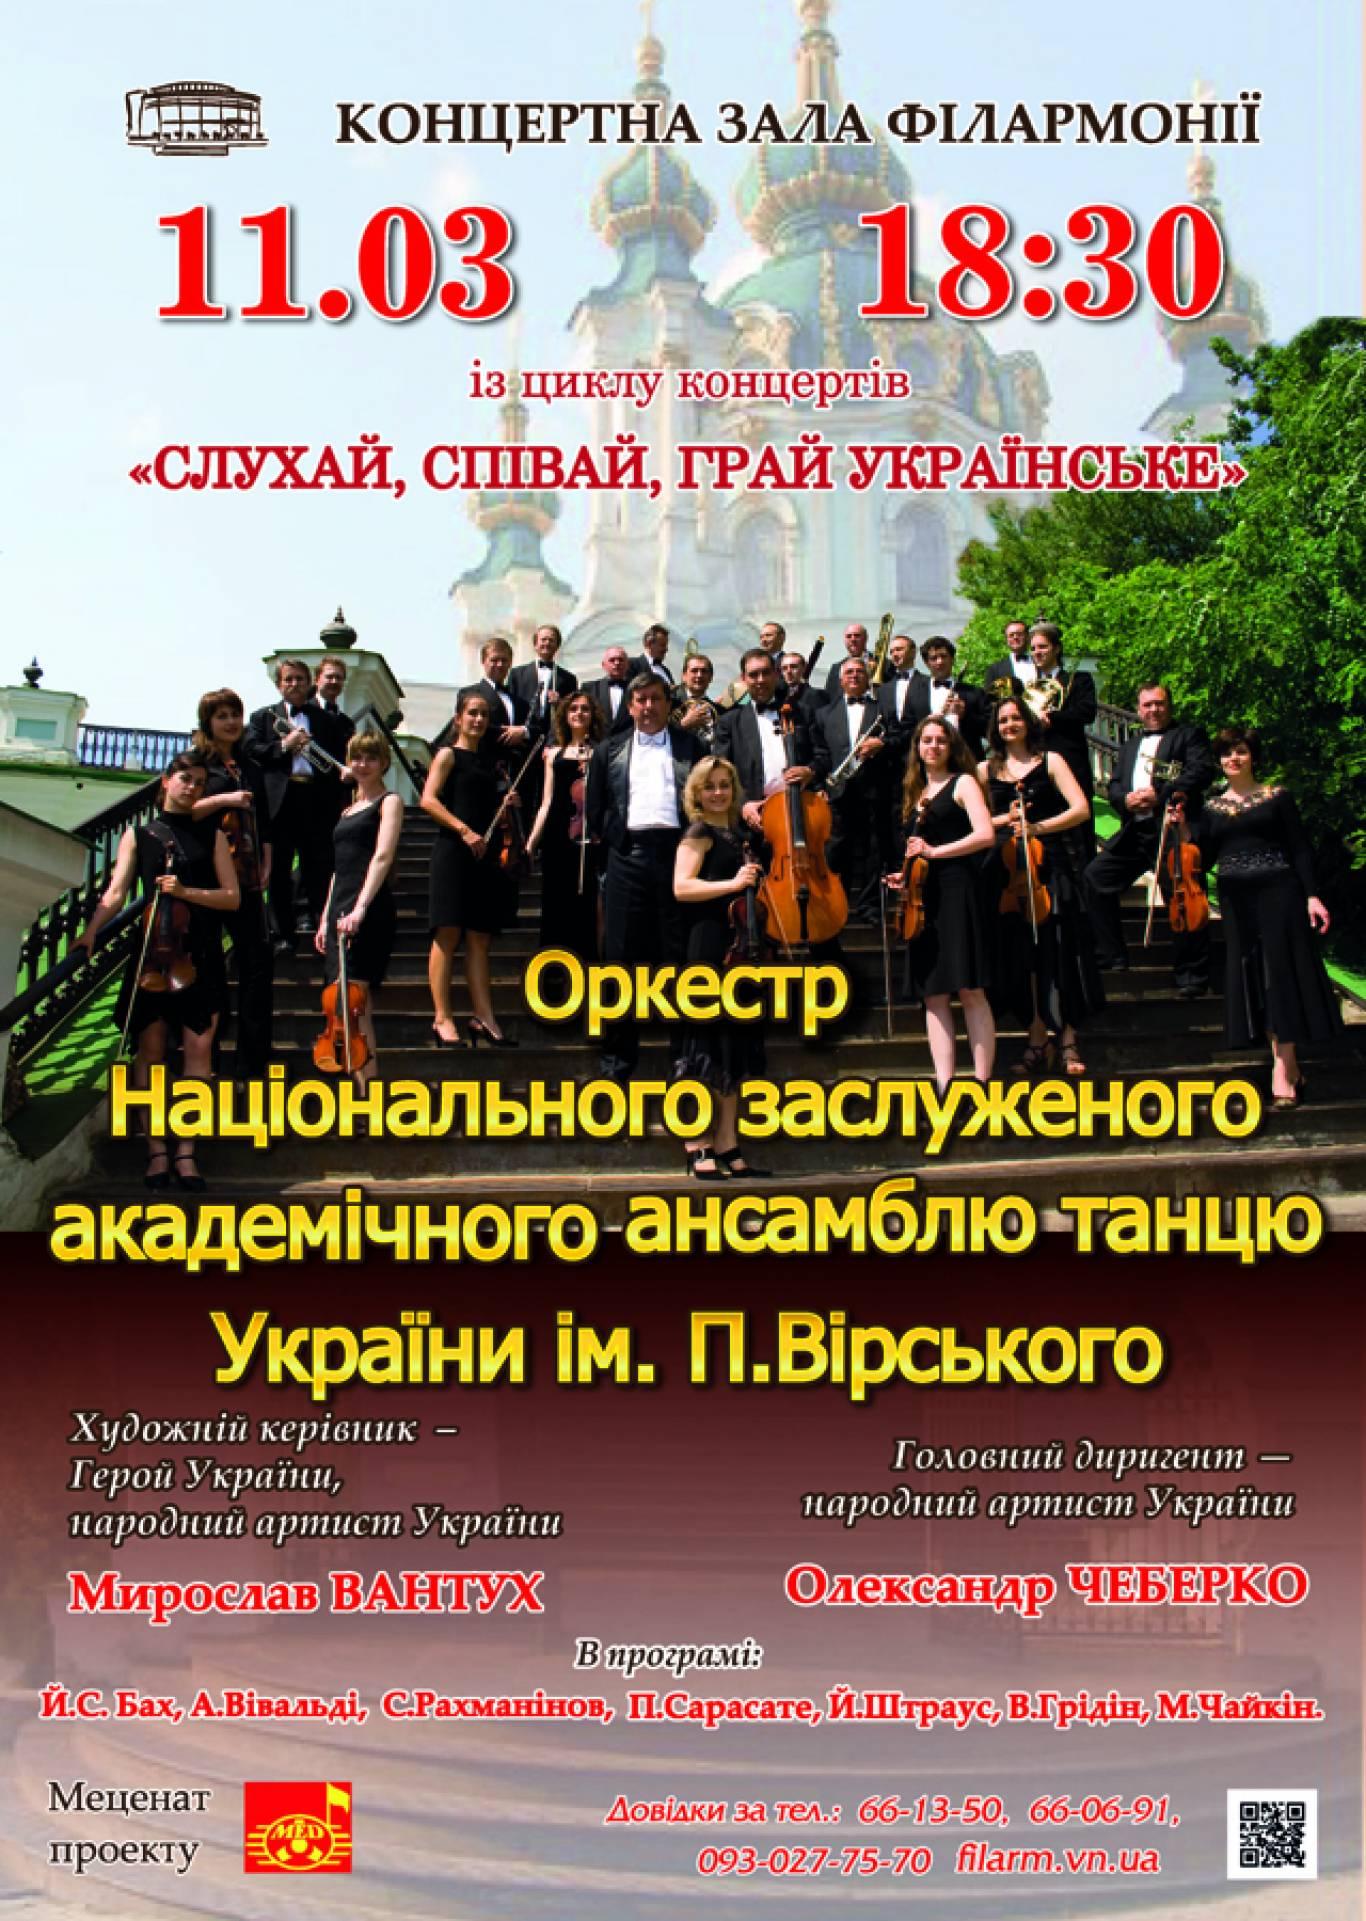 Концерт оркестру Національного заслуженого академічного ансамблю танцю України імені Павла Вірського